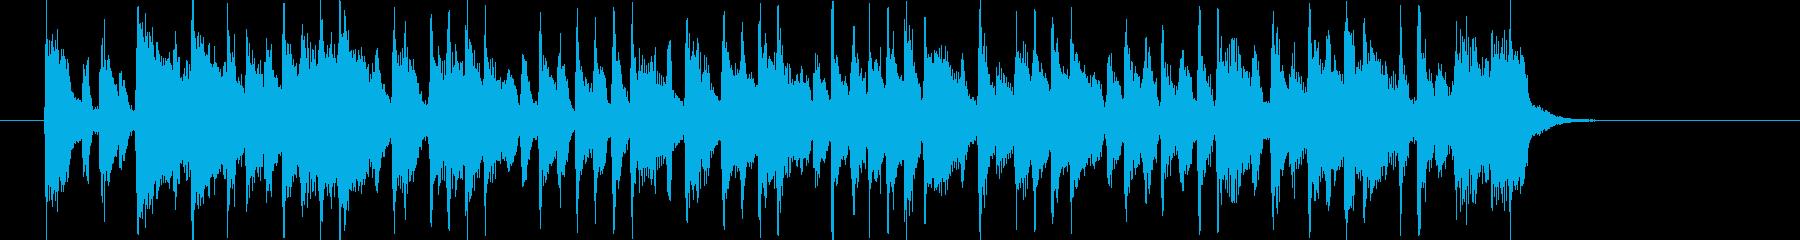 華やかでポップなアップテンポジングルの再生済みの波形